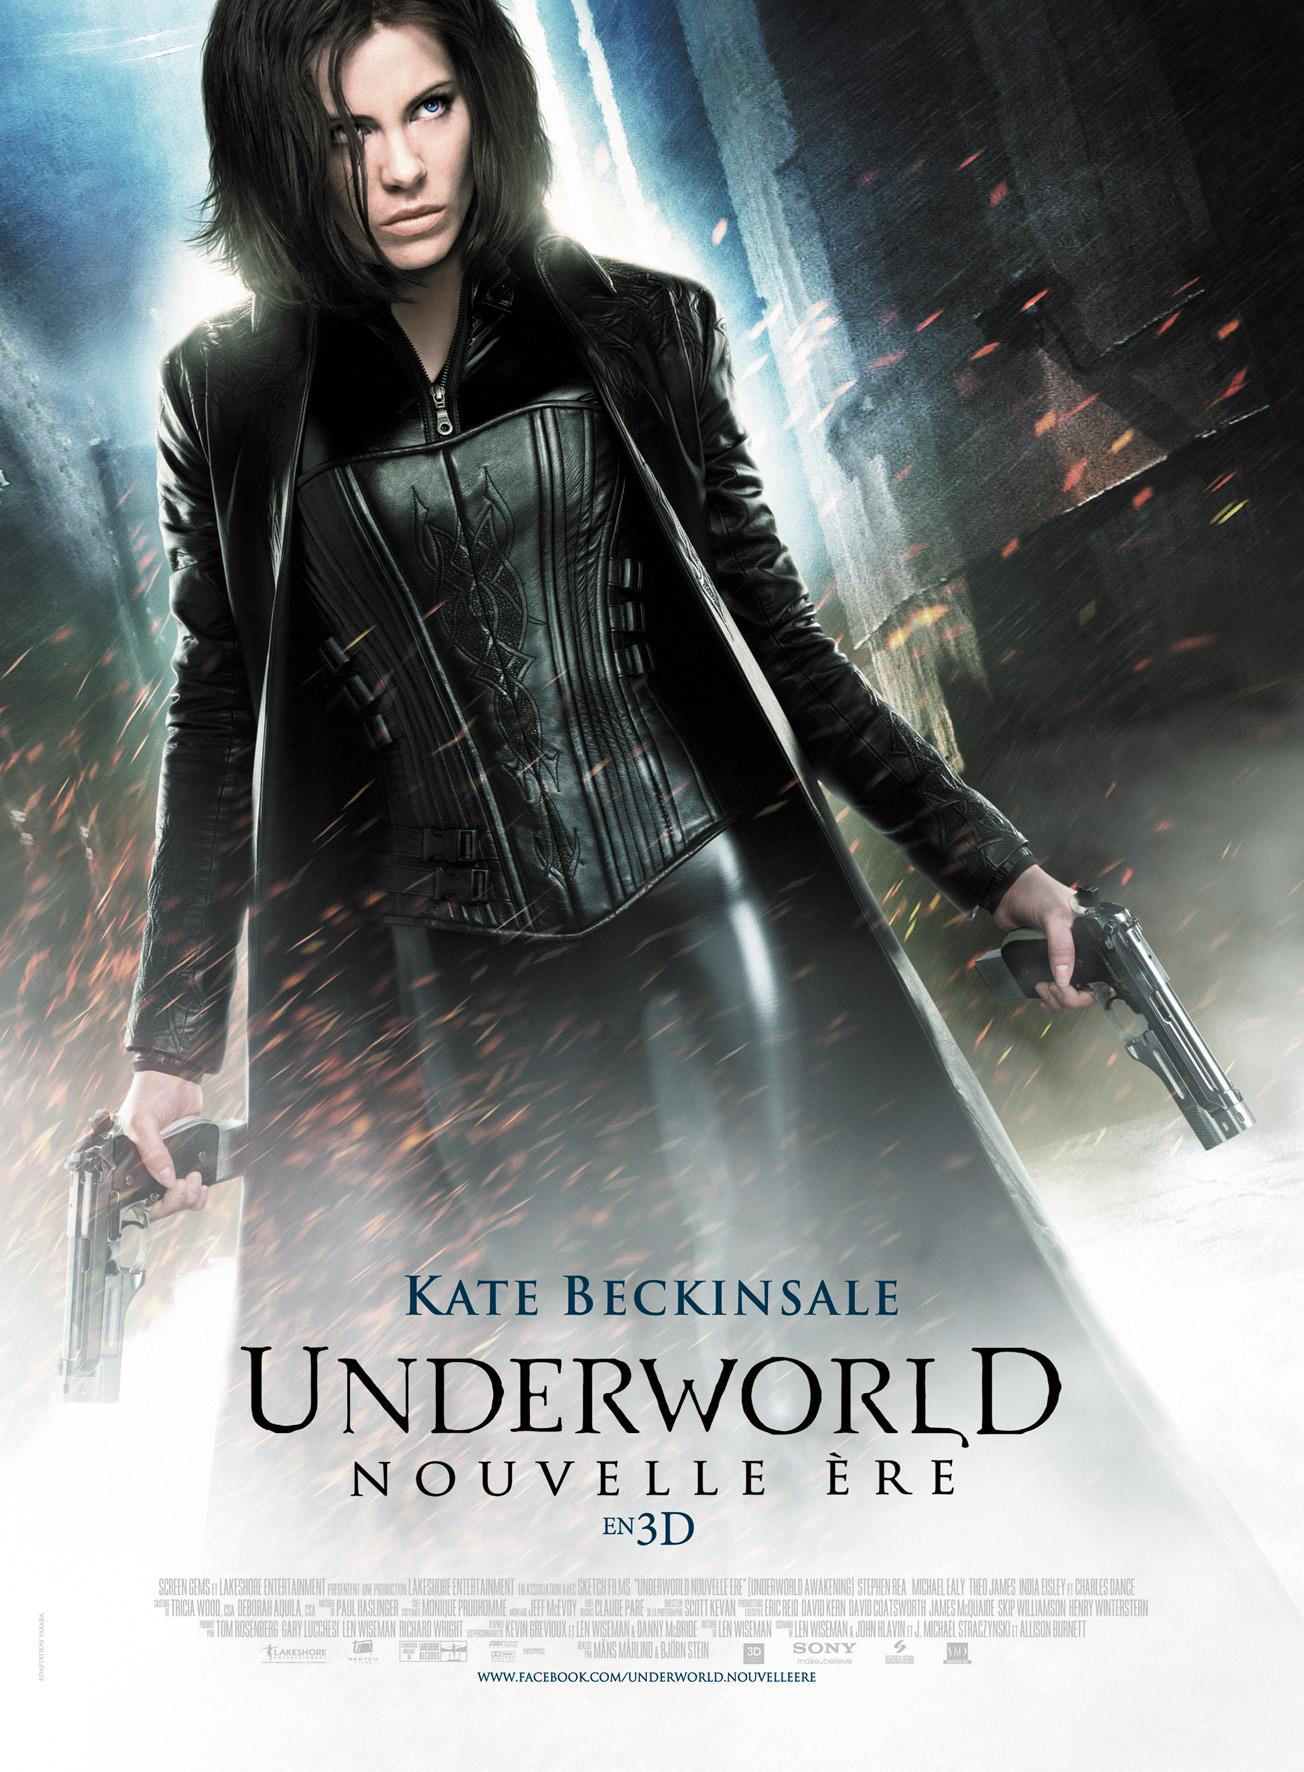 affiche du film Underworld : Nouvelle ère